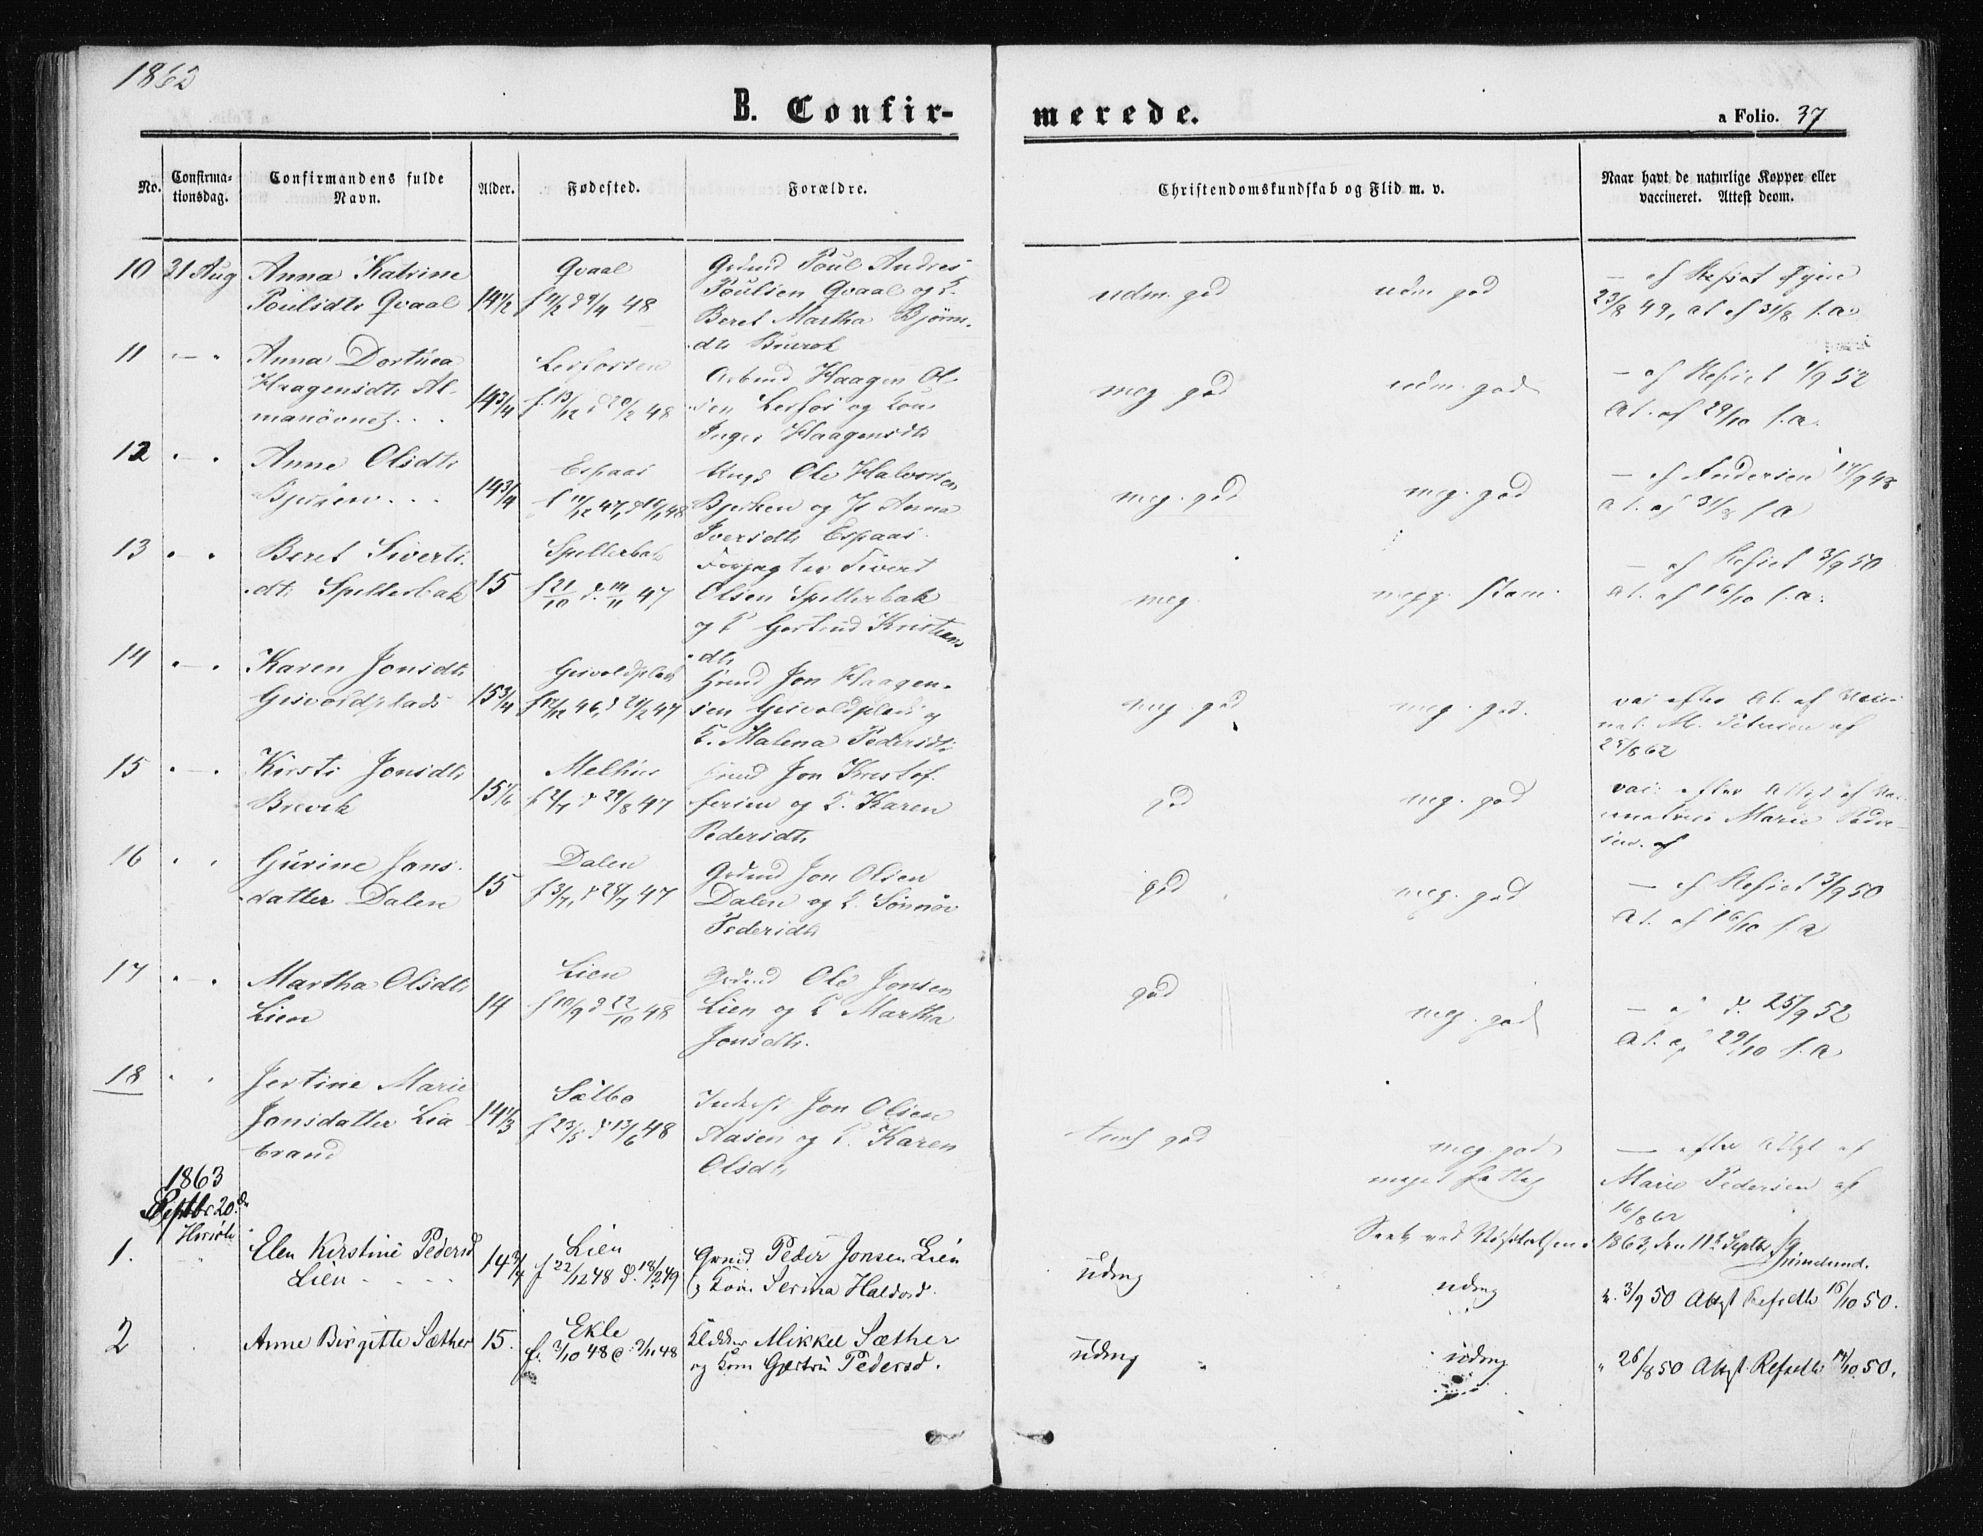 SAT, Ministerialprotokoller, klokkerbøker og fødselsregistre - Sør-Trøndelag, 608/L0333: Ministerialbok nr. 608A02, 1862-1876, s. 37